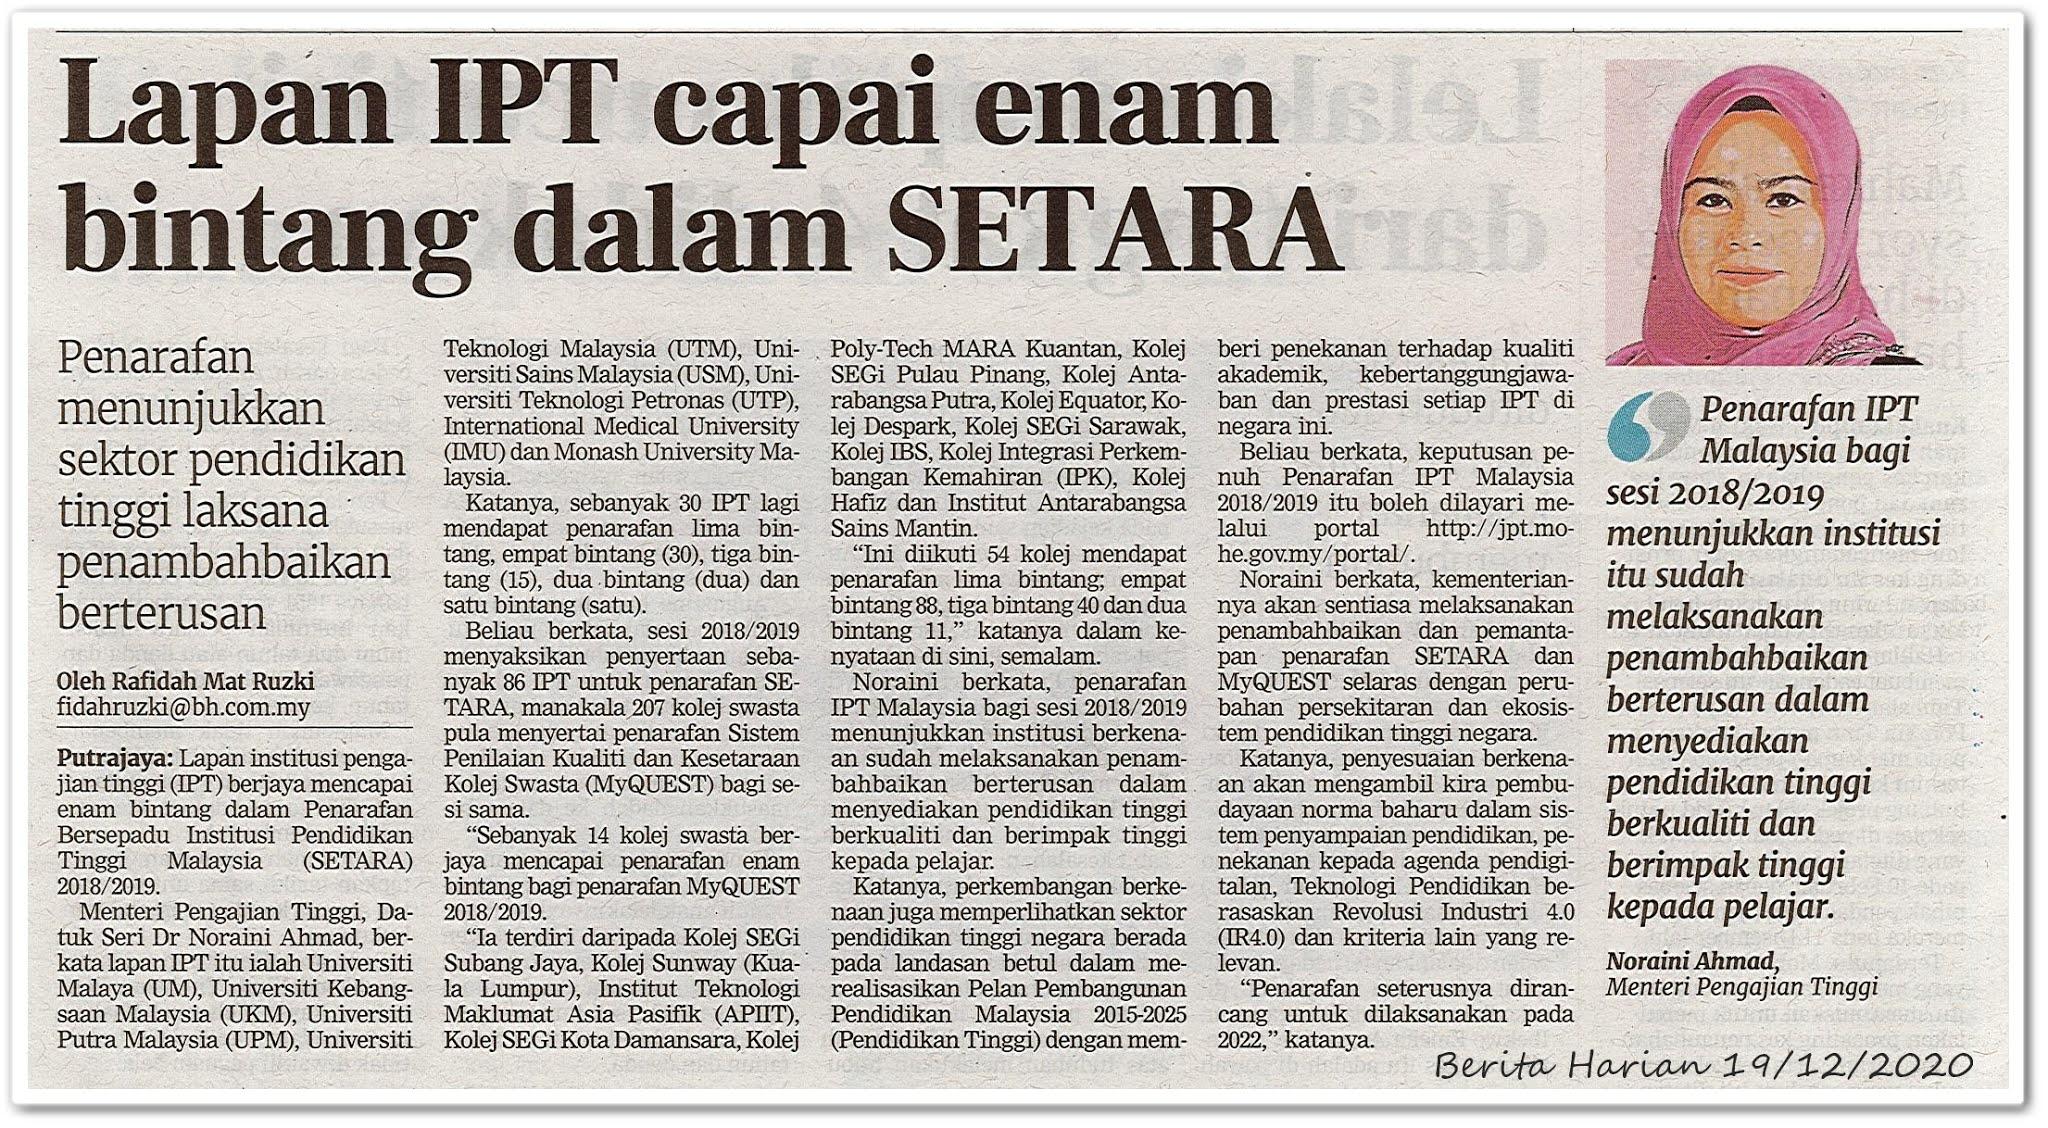 Lapan IPT capai enam bintang dalam SETARA - Keratan akhbar Berita Harian 19 Disember 2020